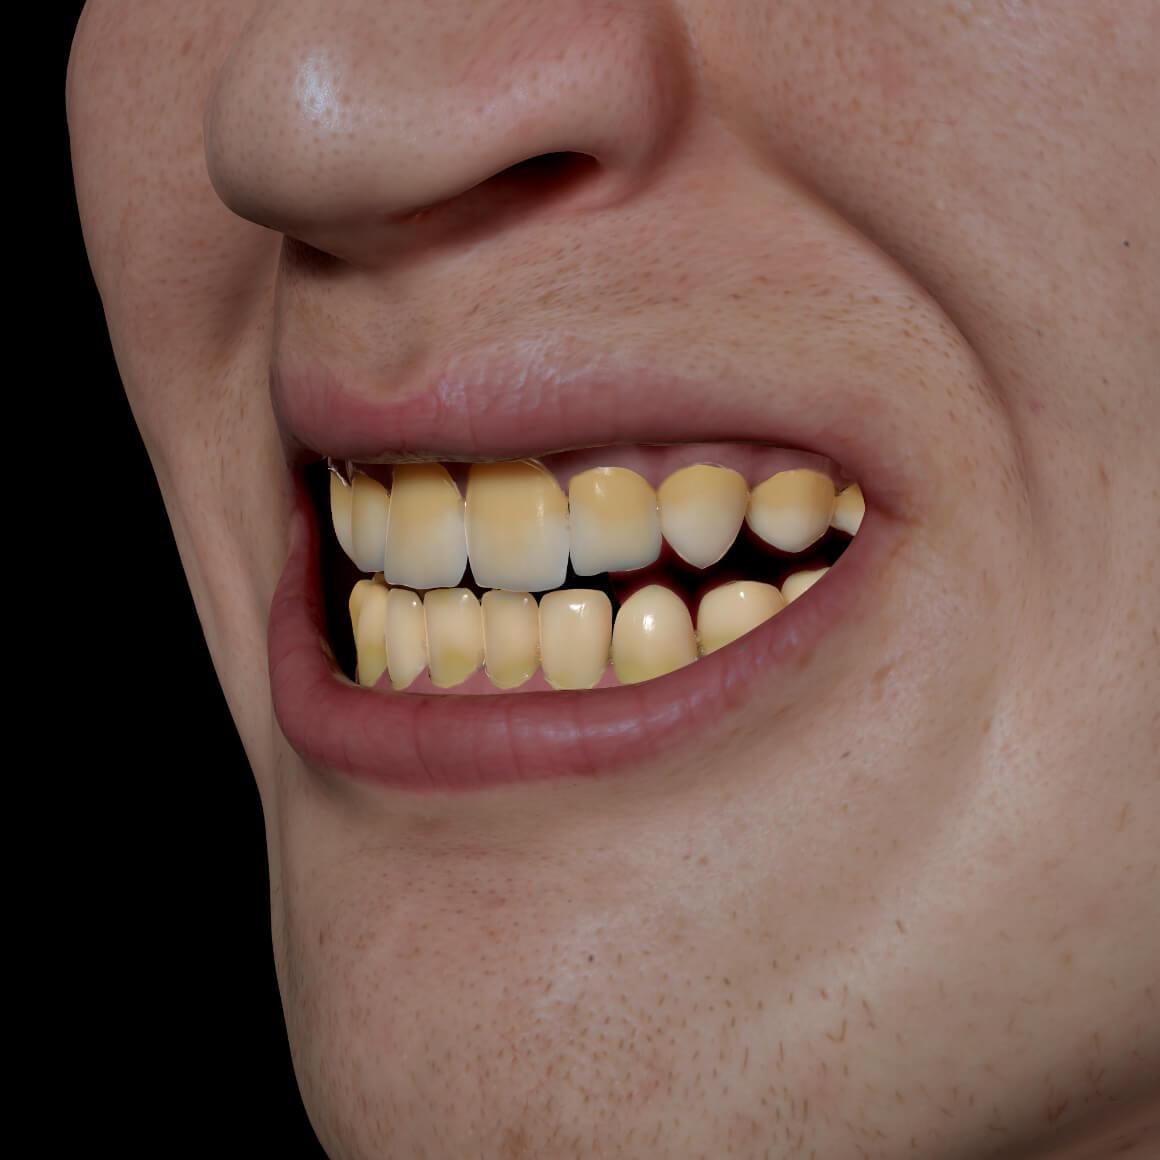 Sourire d'un patient de la Clinique Chloé positionné en angle démontrant des dents jaunes